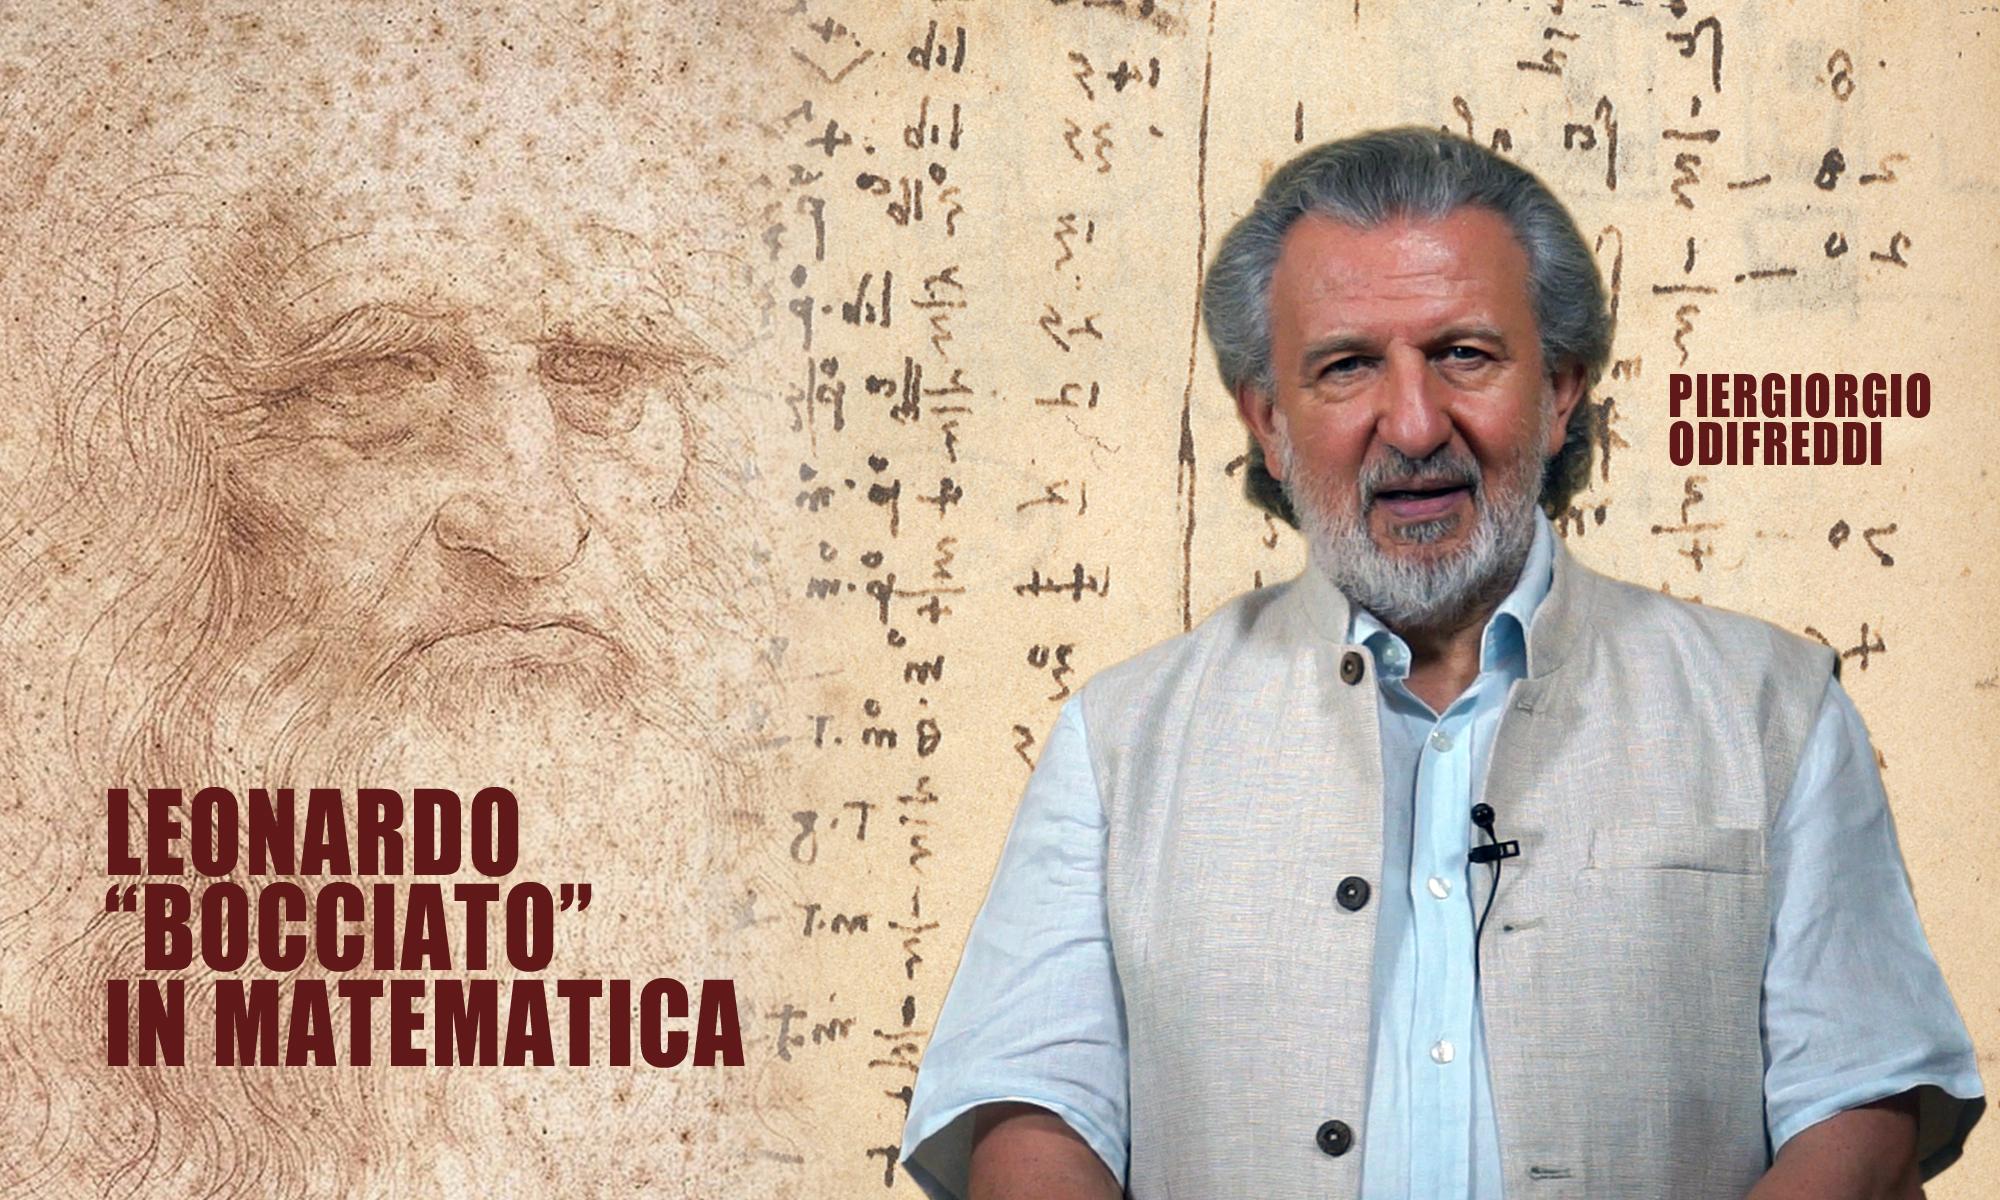 """Piergiorgio Odifreddi """"boccia"""" Leonardo in matematica"""